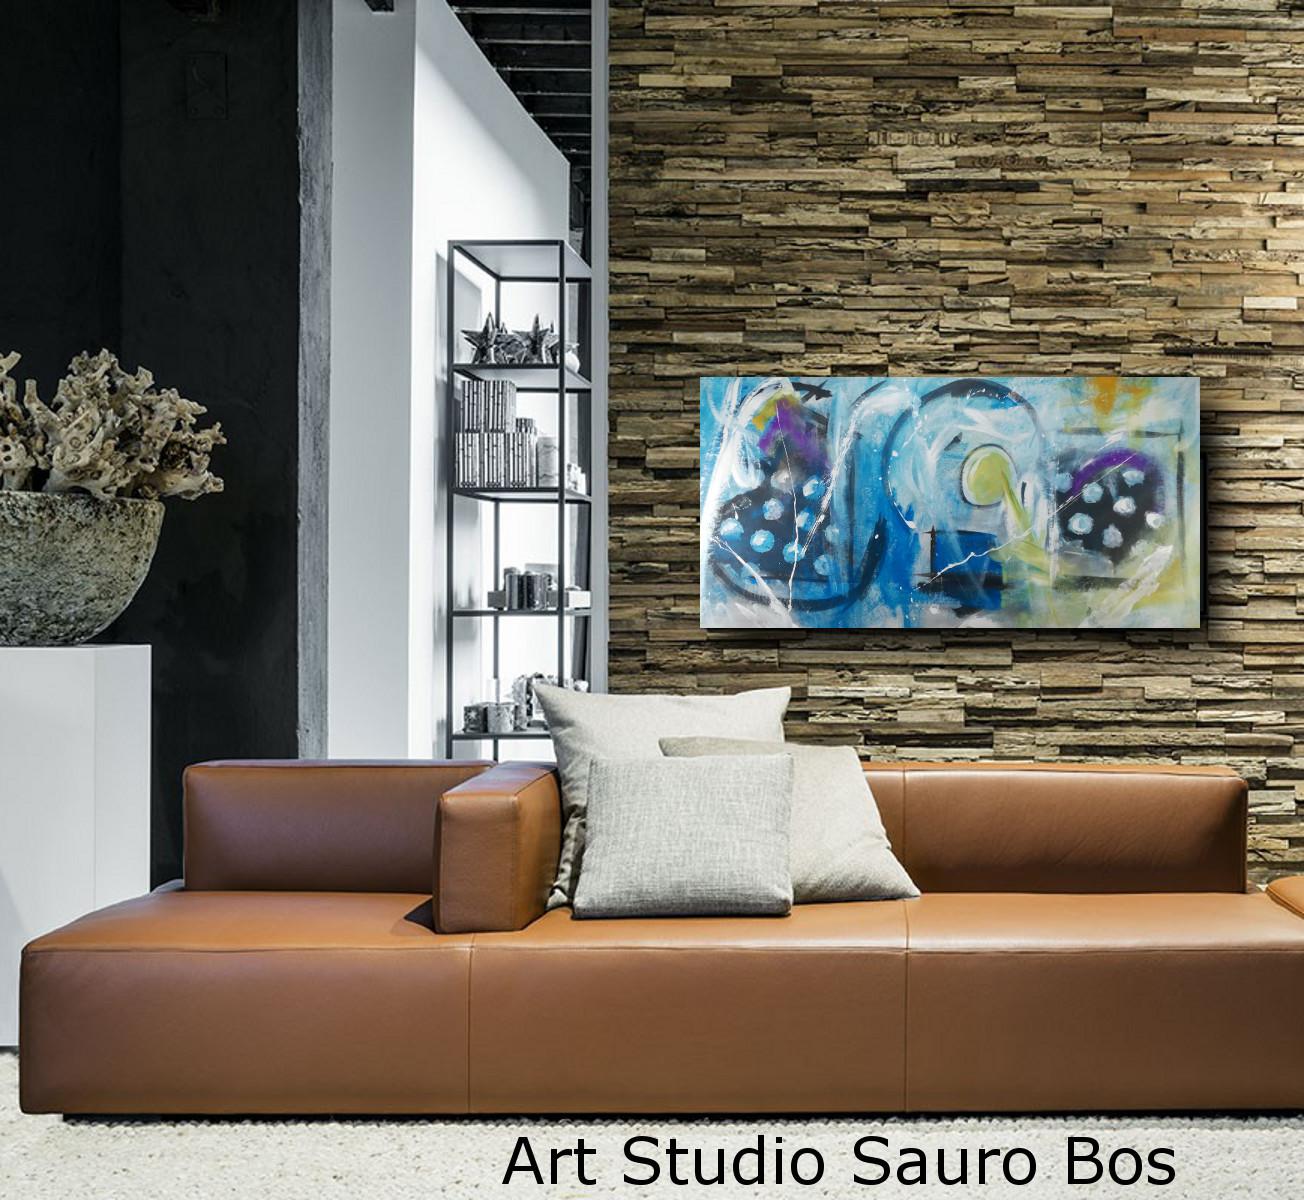 quadri astratti per case moderne 120x60 sauro bos